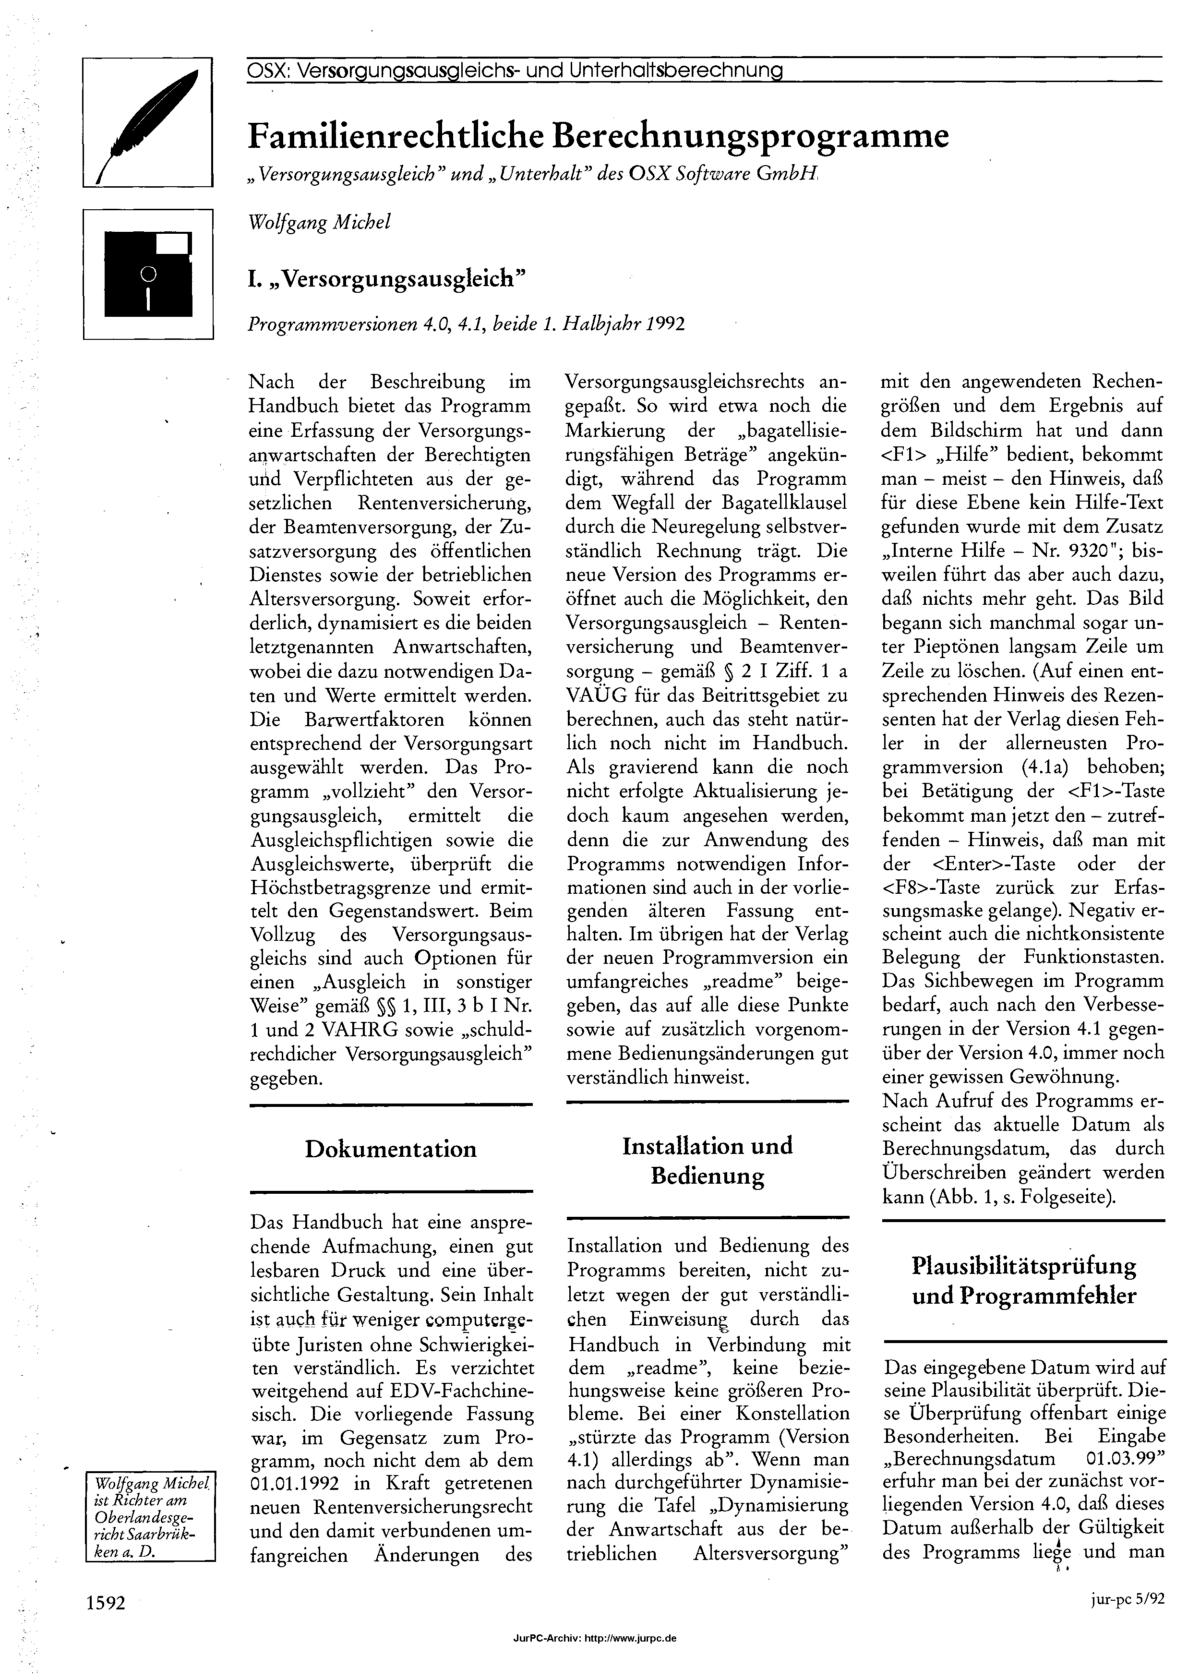 Michel, Wolfgang, Familienrechtliche Berechnungsprogramme